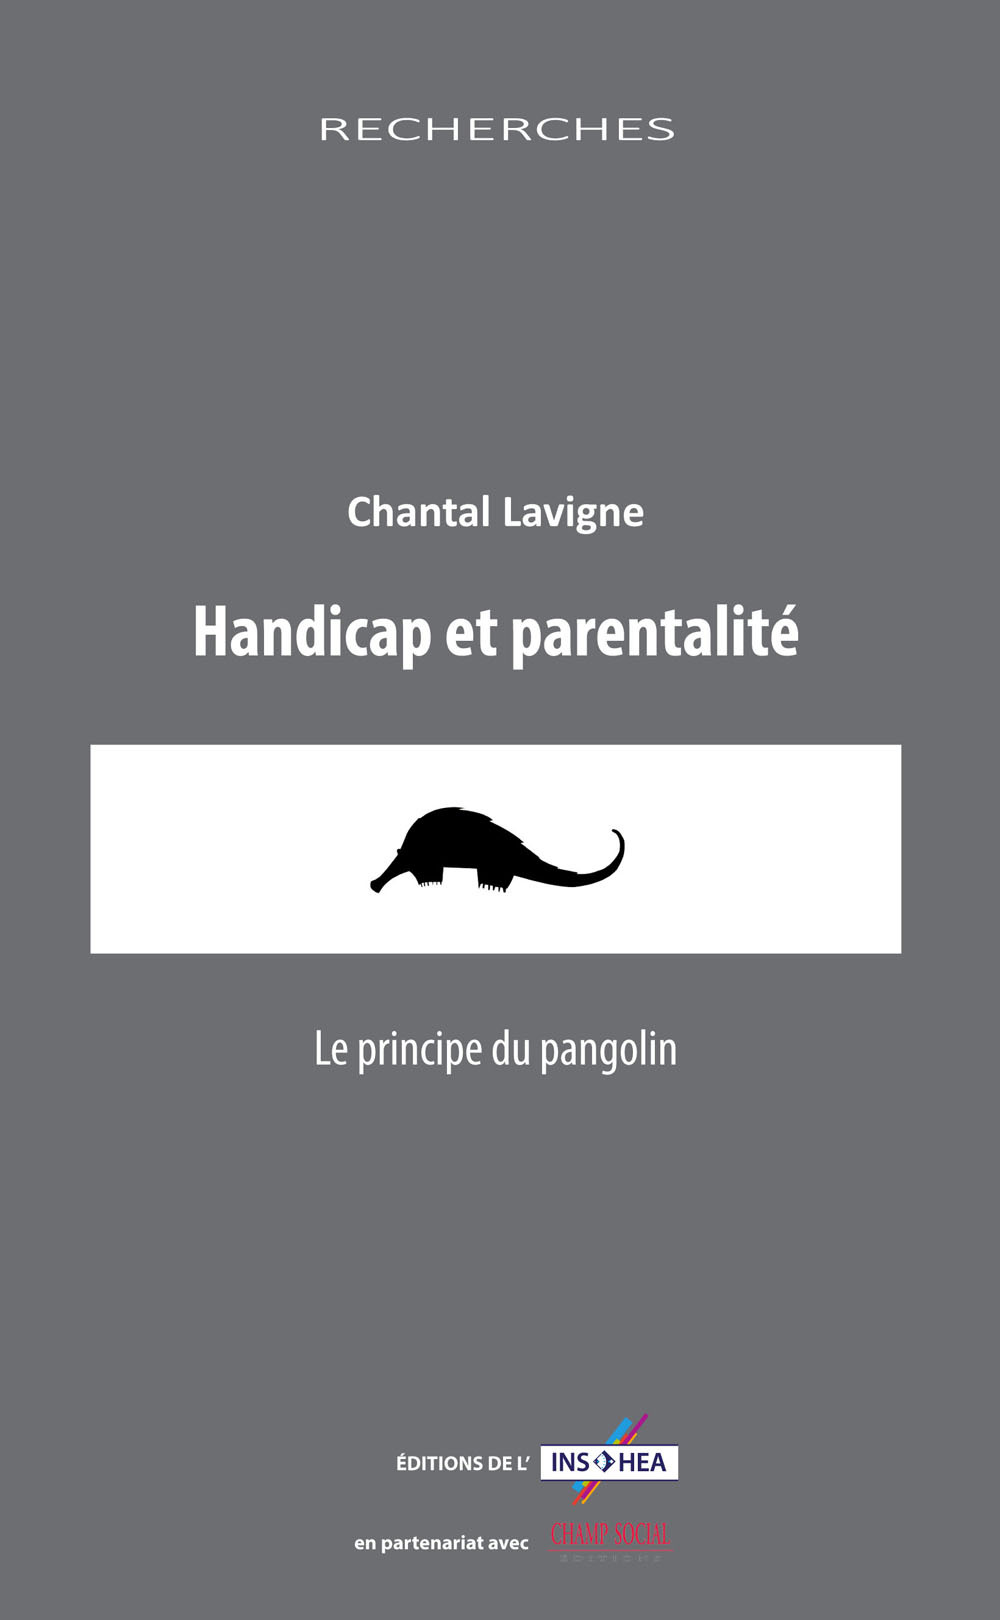 HANDICAP ET PARENTALITE, LE PRINCIPE DU PANGOLIN